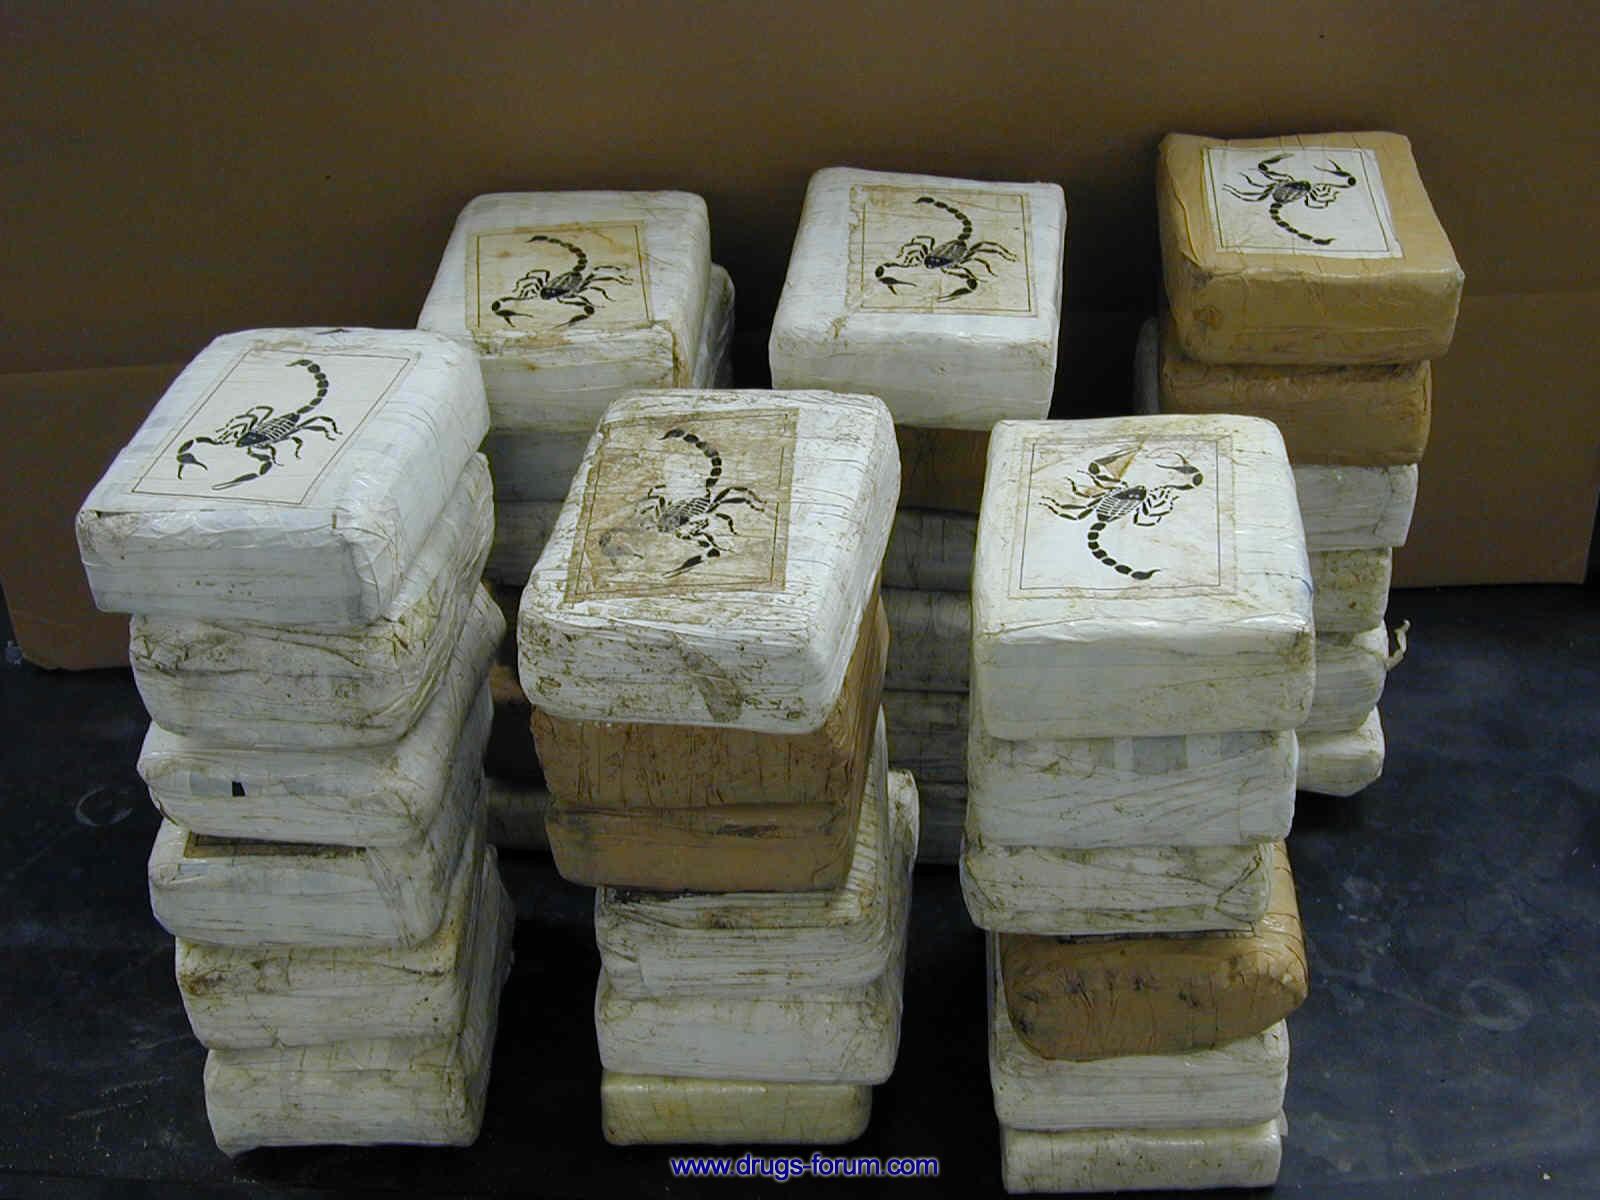 168490_Cocaine_Blokken_Tijuana_Kartel.jpg